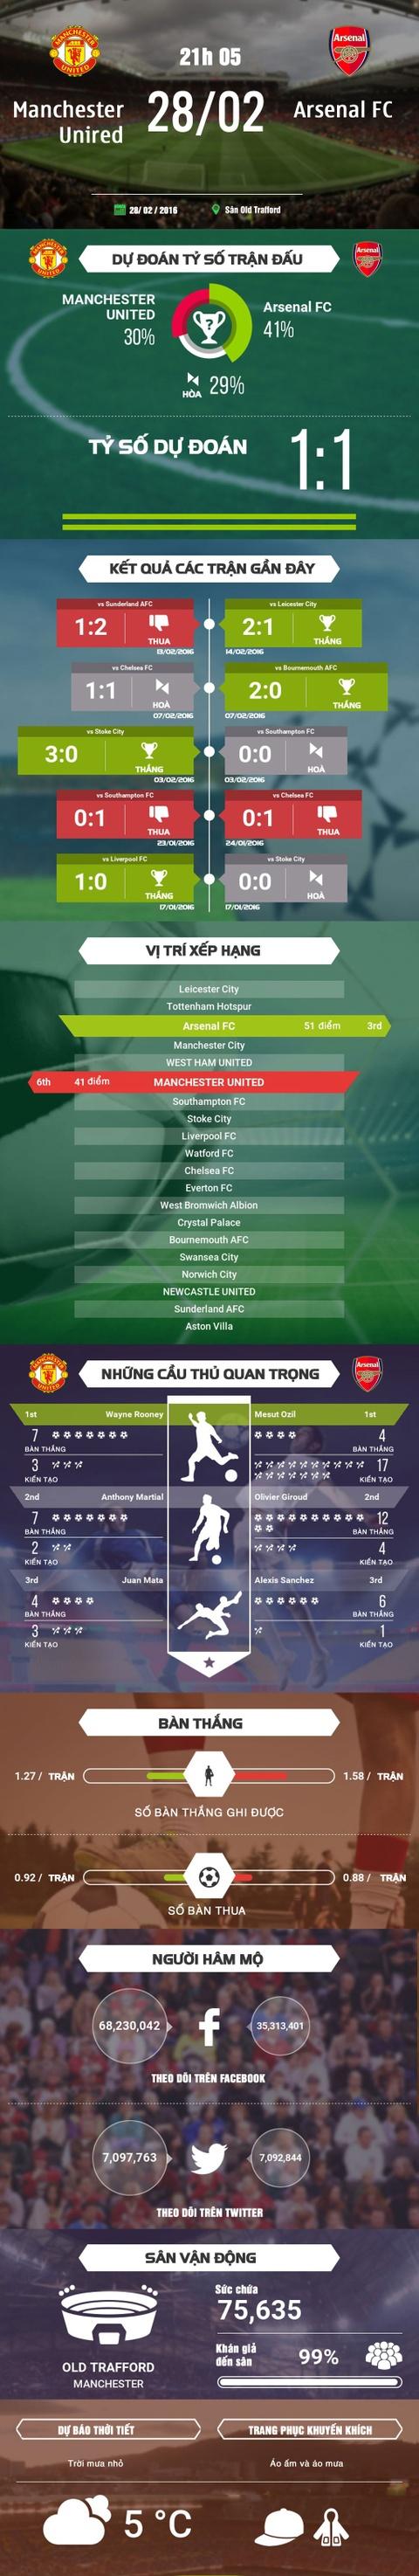 MU - Arsenal: Dai chien khong can suc hinh anh 1